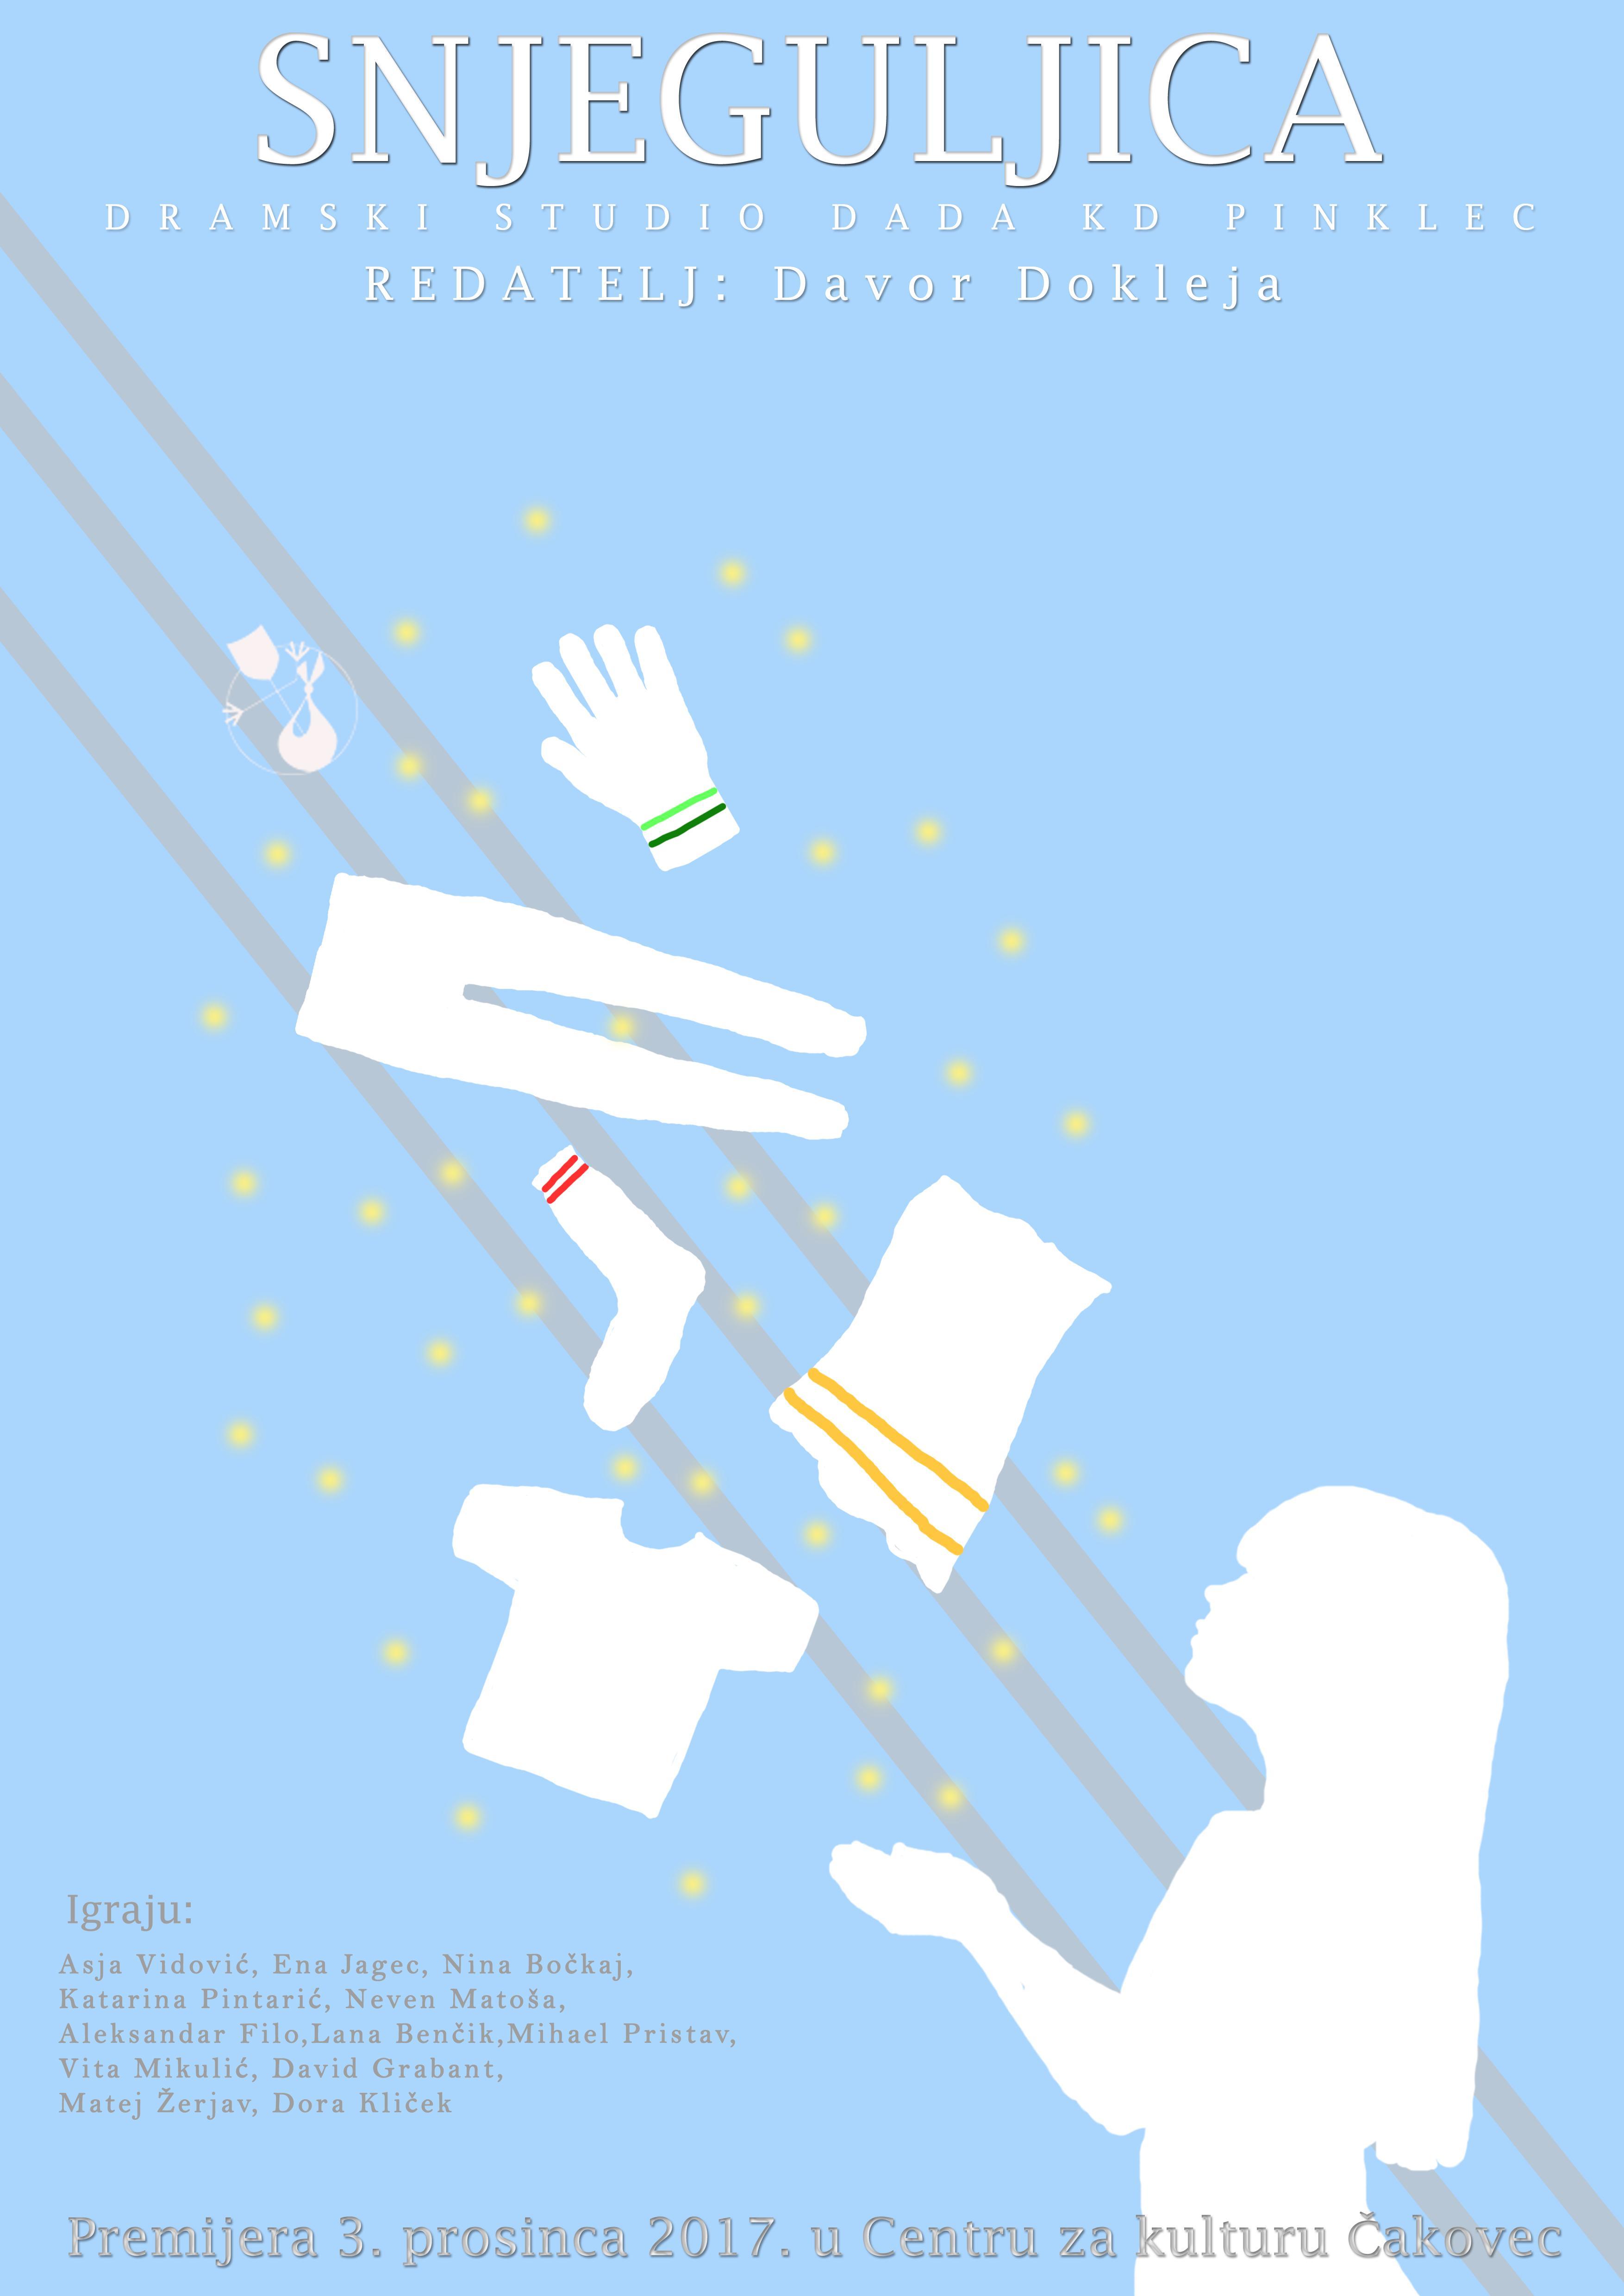 SNJEGULJICA(inspirirano pričom Braće Grimm)Premijera 3. prosinca 2017. u Centru za kulturu ČakovecDramsko lutkarska predstava Redatelj: Davor DoklejaGlazba: Igor BaksaLikovno oblikovanje: Jelena DoklejaOblikovanje svejtla: Mario ZelenbabaGrafičko oblikovanje: Ena Jagec Igraju:Asja Vidović, Ena Jagec, Nina Bočkaj, Katarina Pintarić, Neven Matoša, Aleksandar Filo, Vita Mikulić, Lana Benčik, Mihael Pristav, David Grabant, Matej Žerjav, Dora Kliček O predstavi:Poznatu priču […]